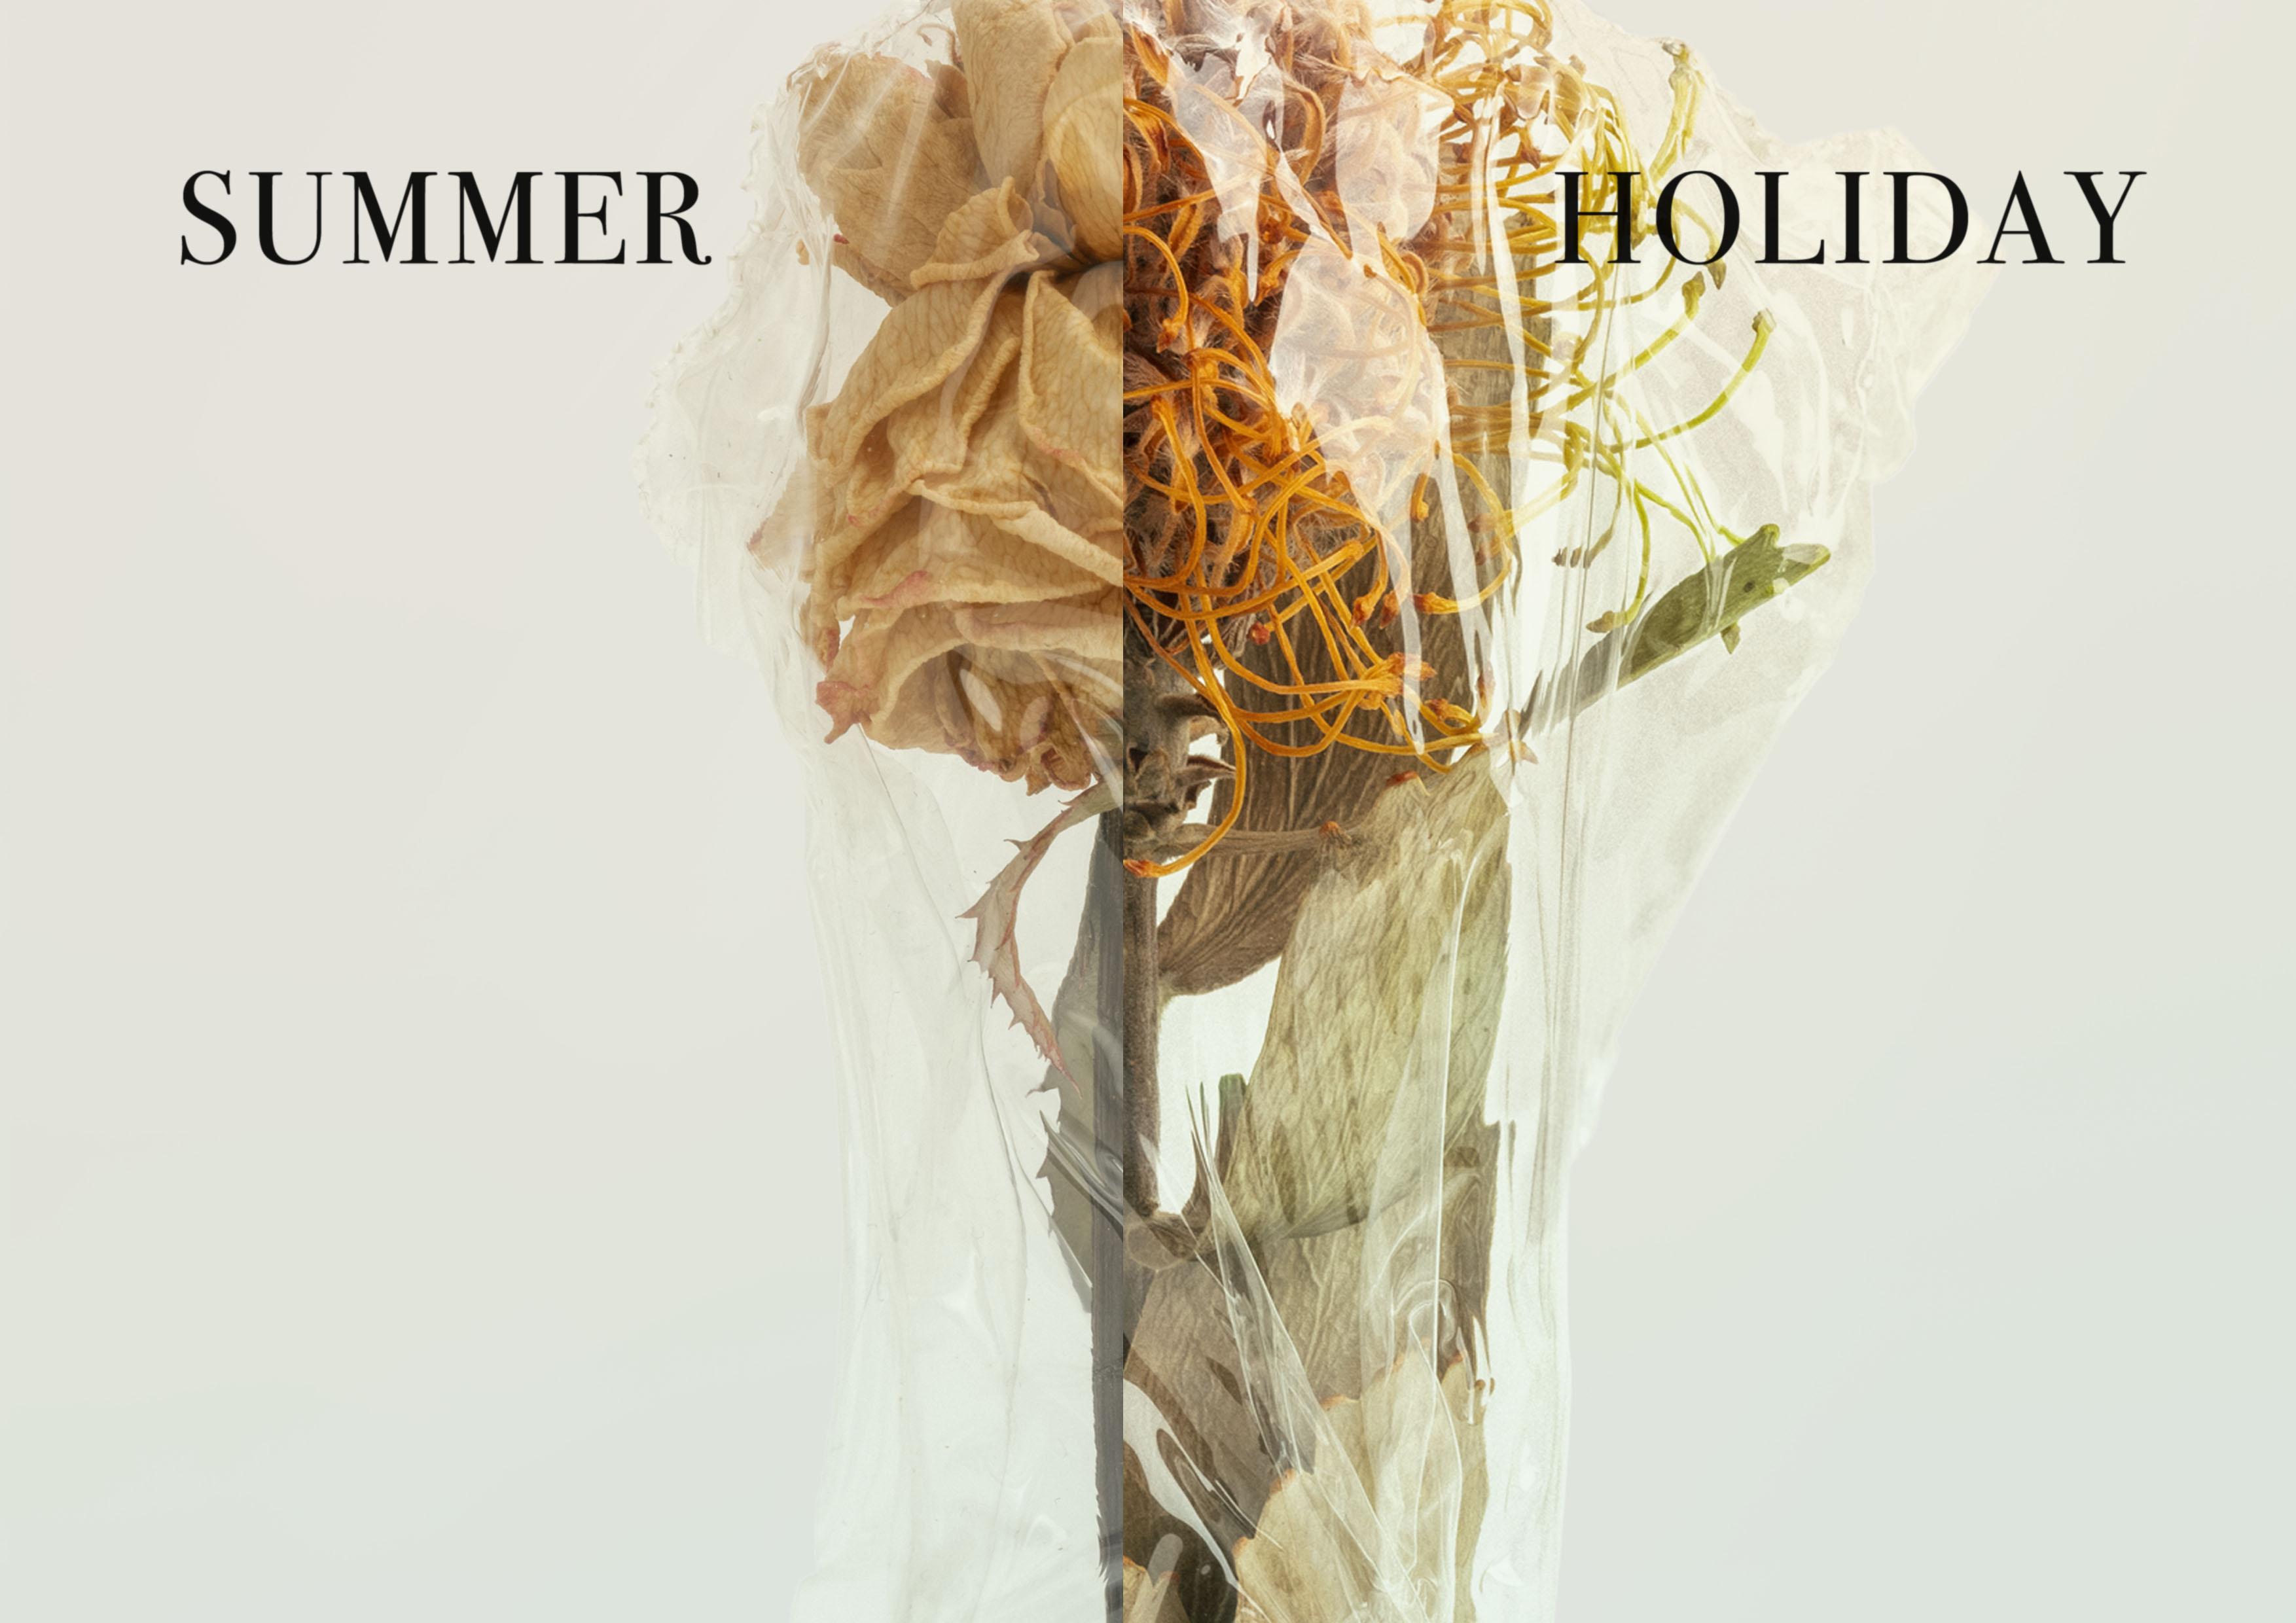 夏季休業のご案内 | SUMMER HOLIDAYS